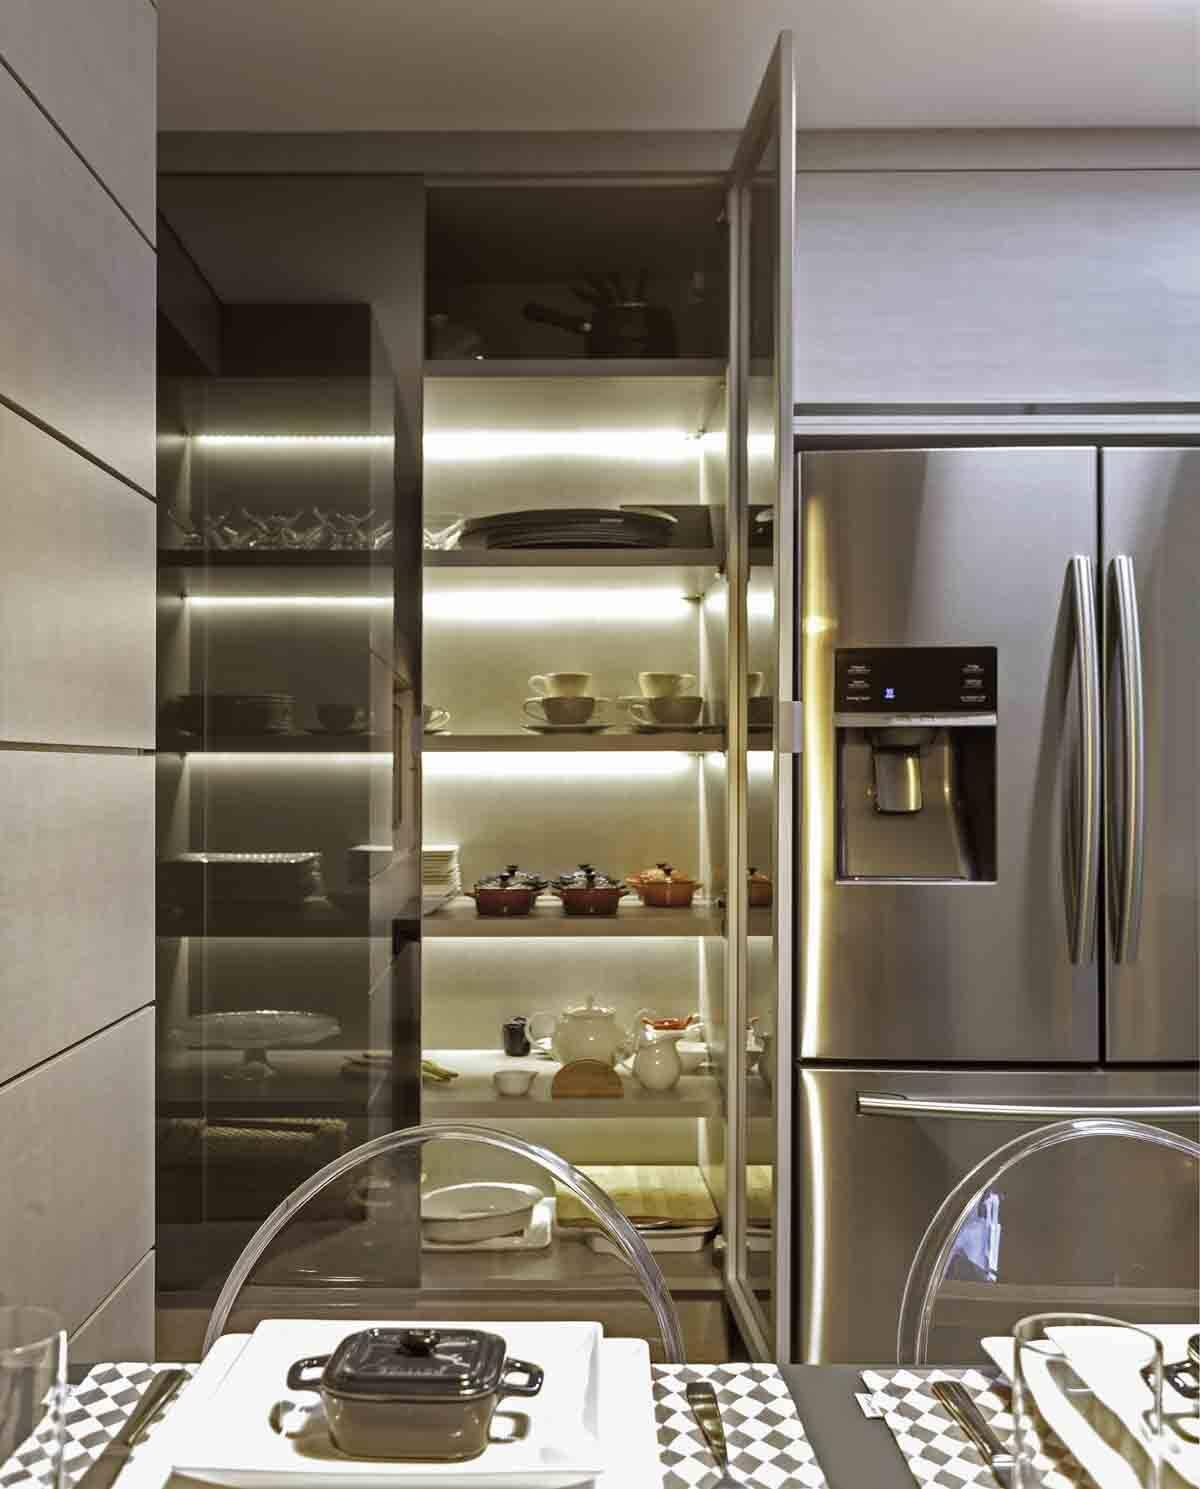 Nesse projeto, a cristaleira foi colocada na cozinha junto à copa, organizando as louças e utensílios mais usados na rotina dos moradores | Foto: Carlos Piratininga